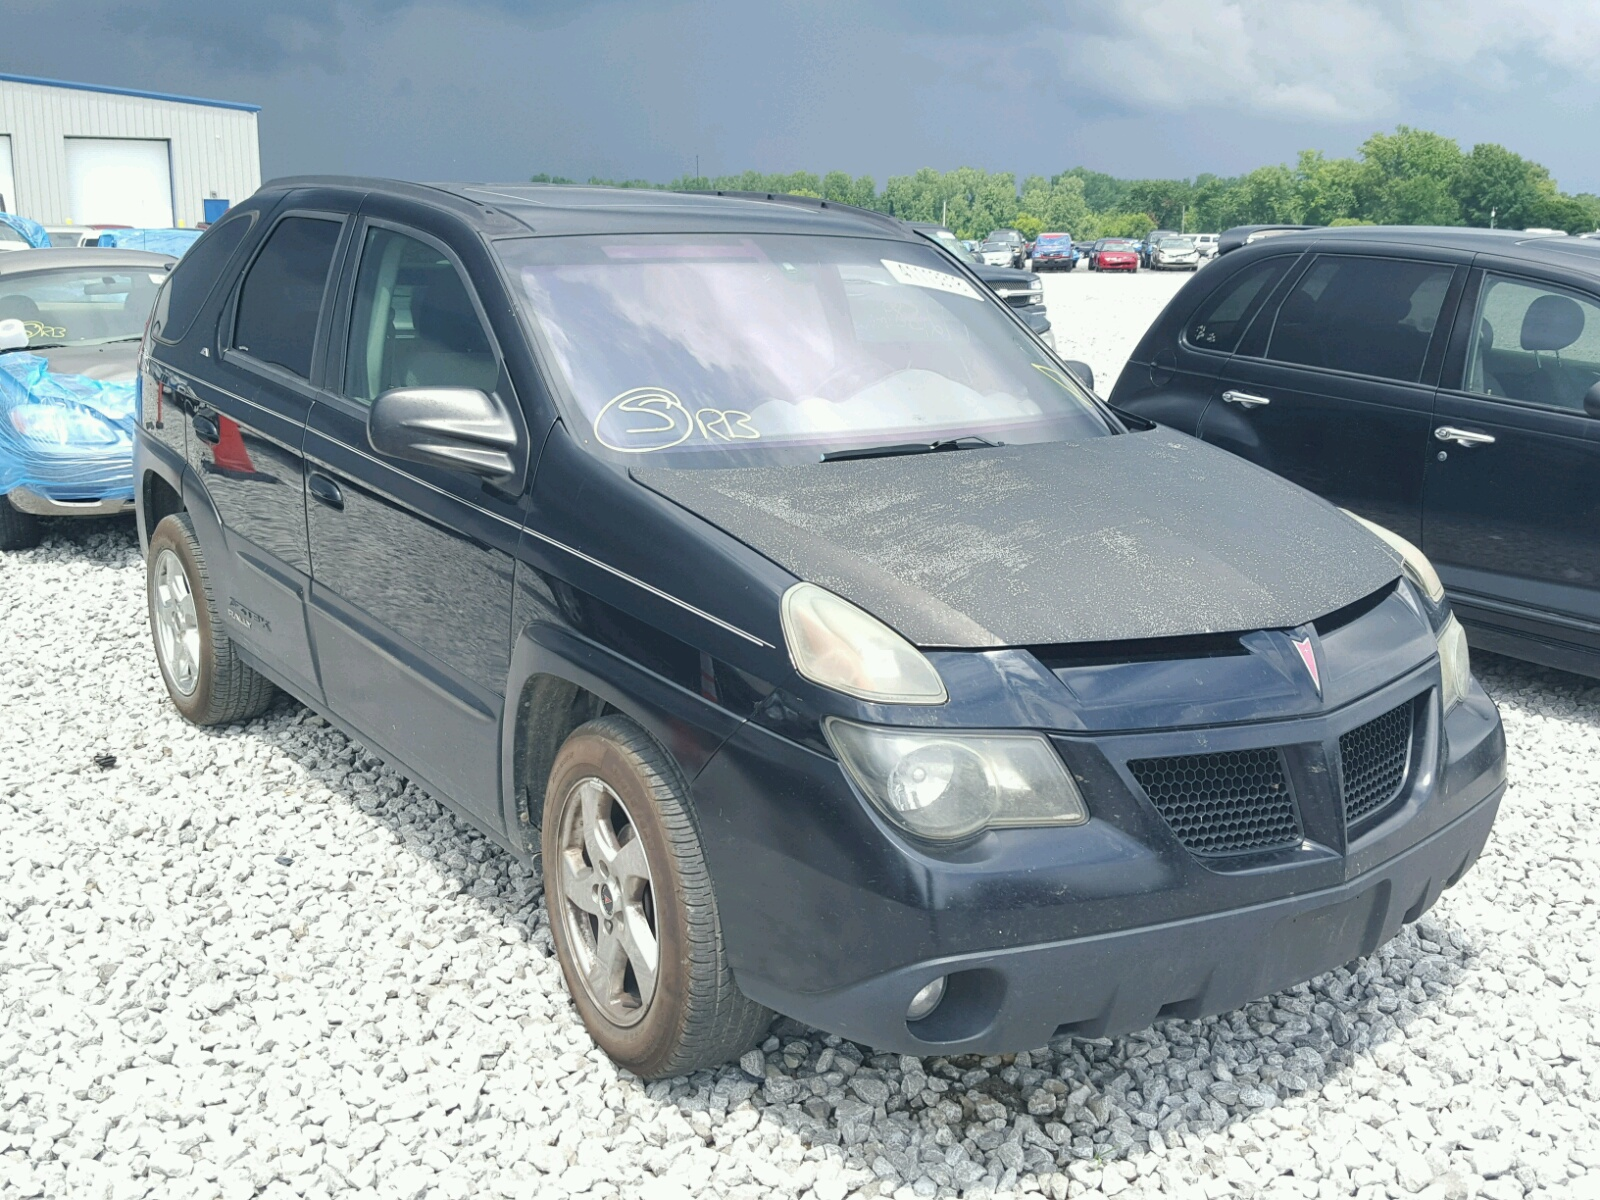 hight resolution of 2004 pontiac aztek 3 4l for sale at copart auto auction